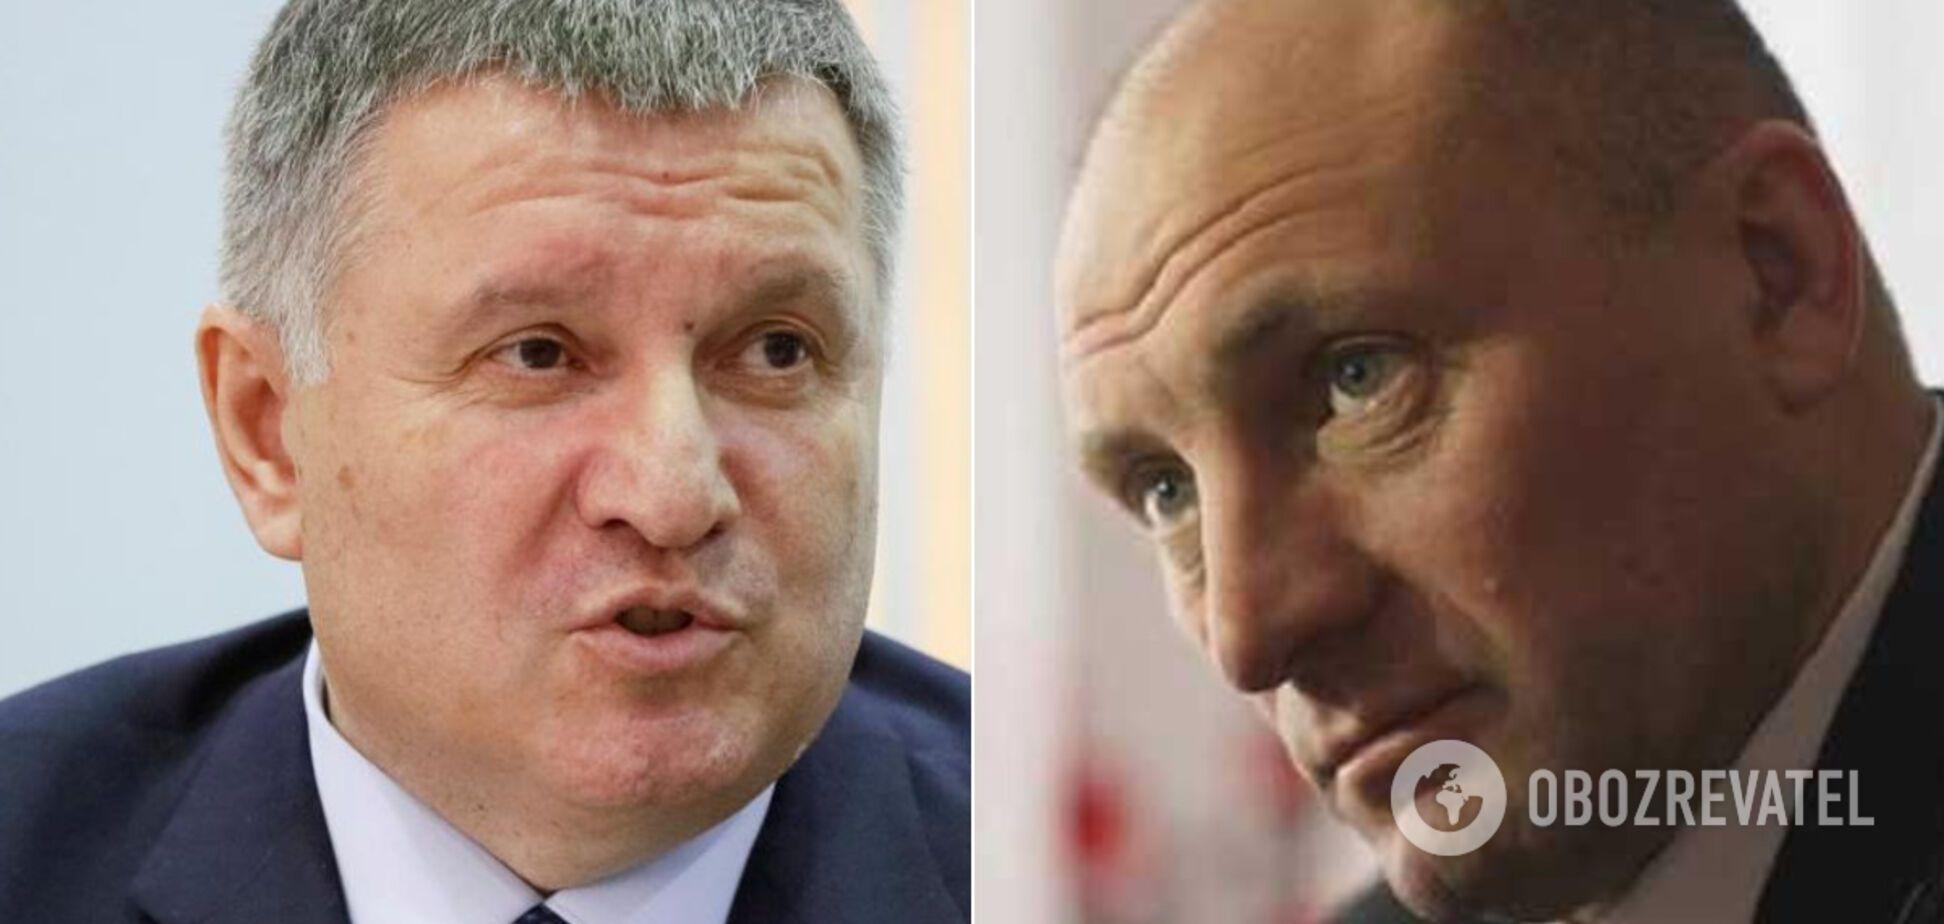 Аваков пригрозил мэру Черкасс из-за ослабления карантина: тот ответил